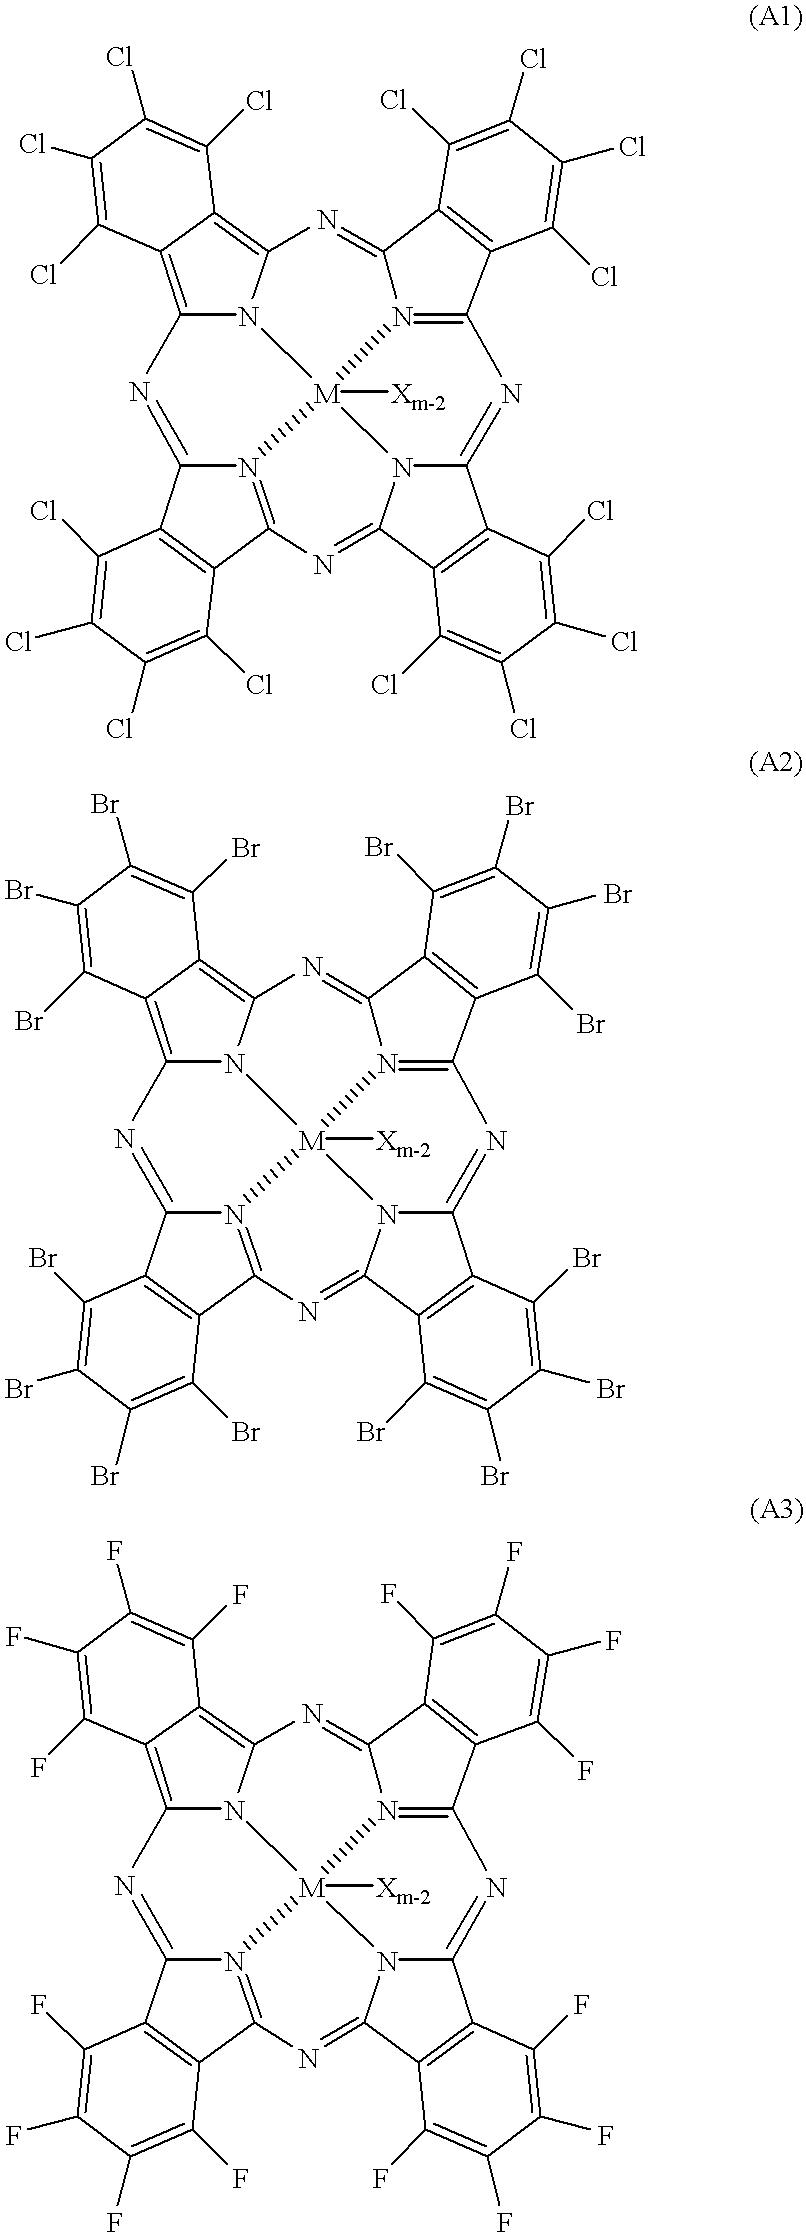 Figure US06852809-20050208-C00002